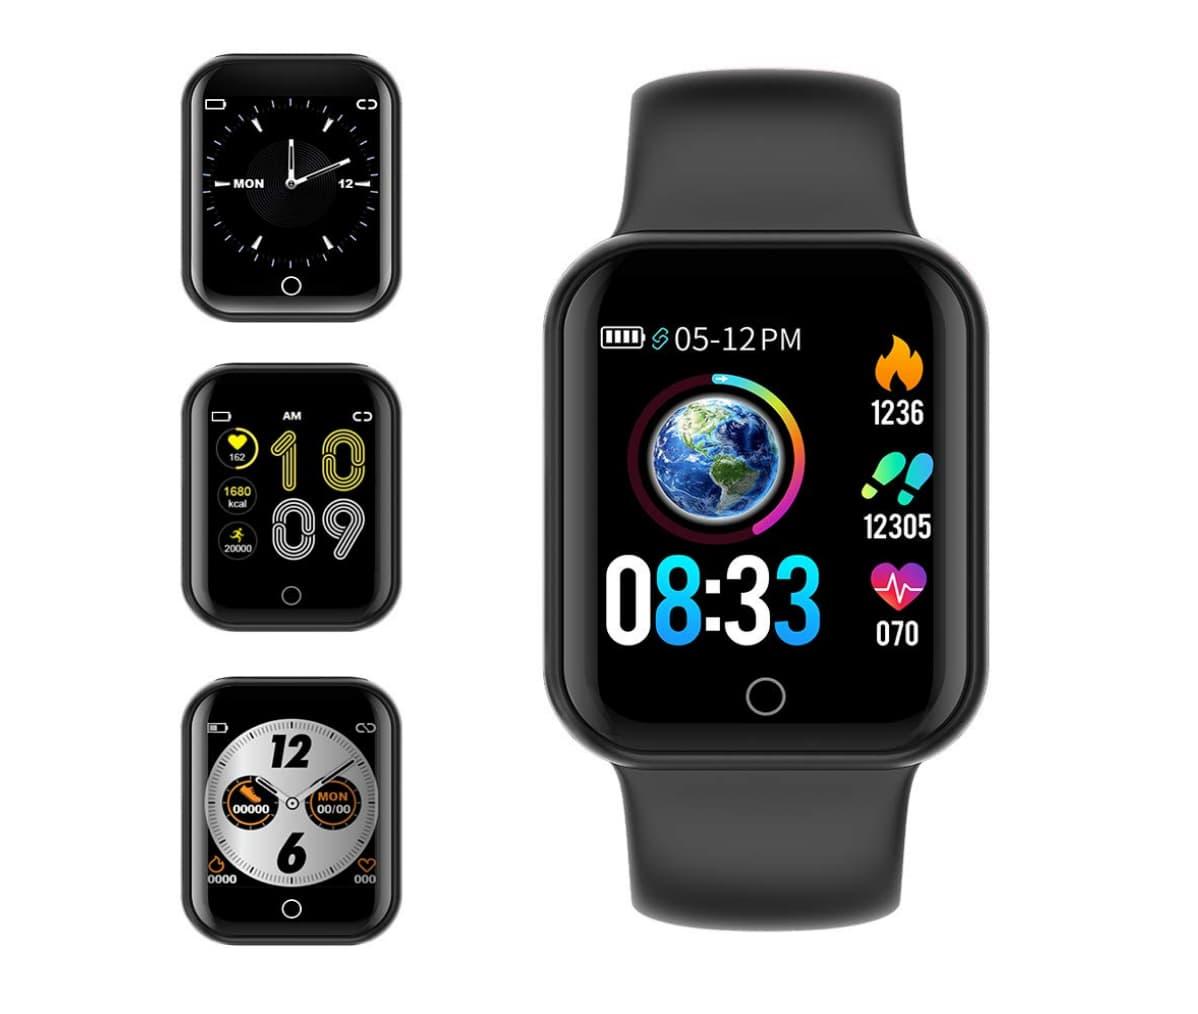 Kungix-Smartwatch mit Blutdruckmessung* (ca. 50 Euro). Foto: Amazon.de